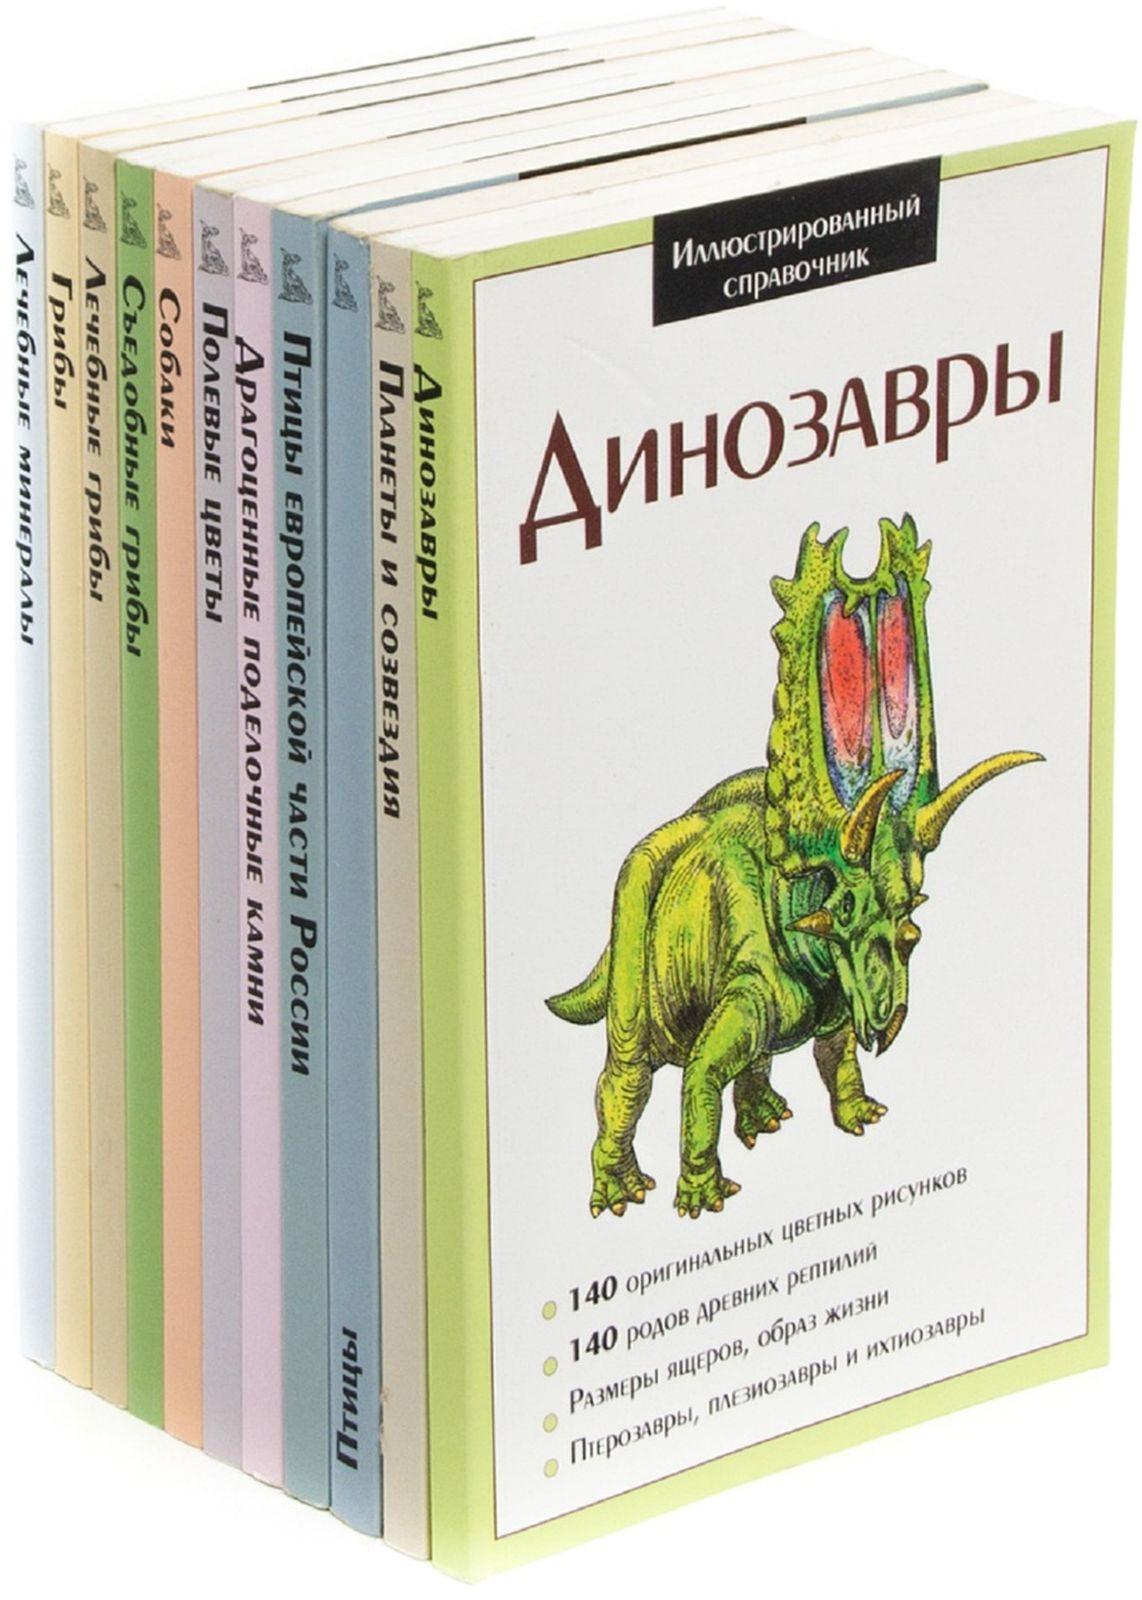 Иллюстрированный справочник (комплект из 11 книг)